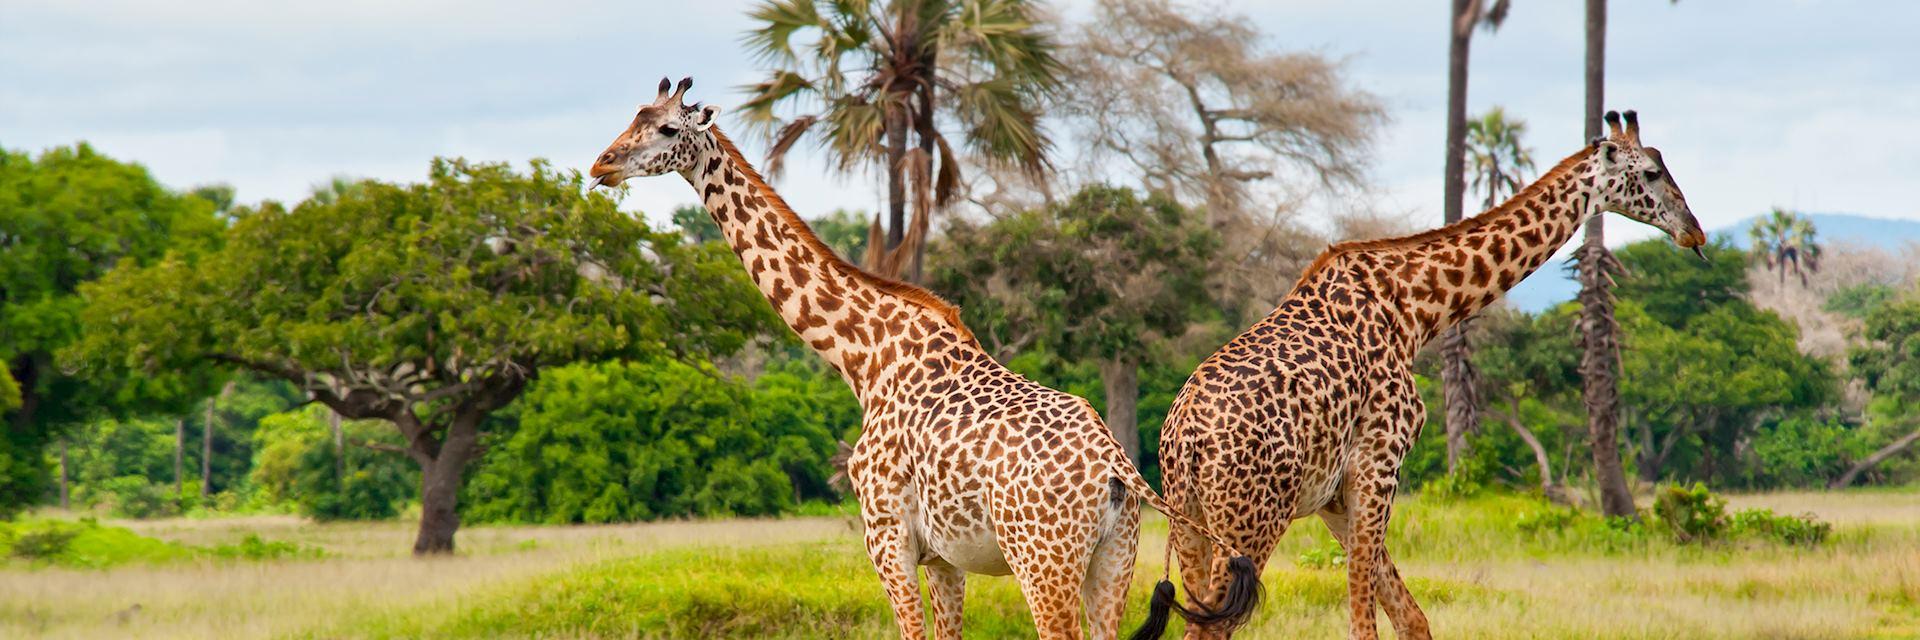 Giraffes in Katavi Naitonal Park